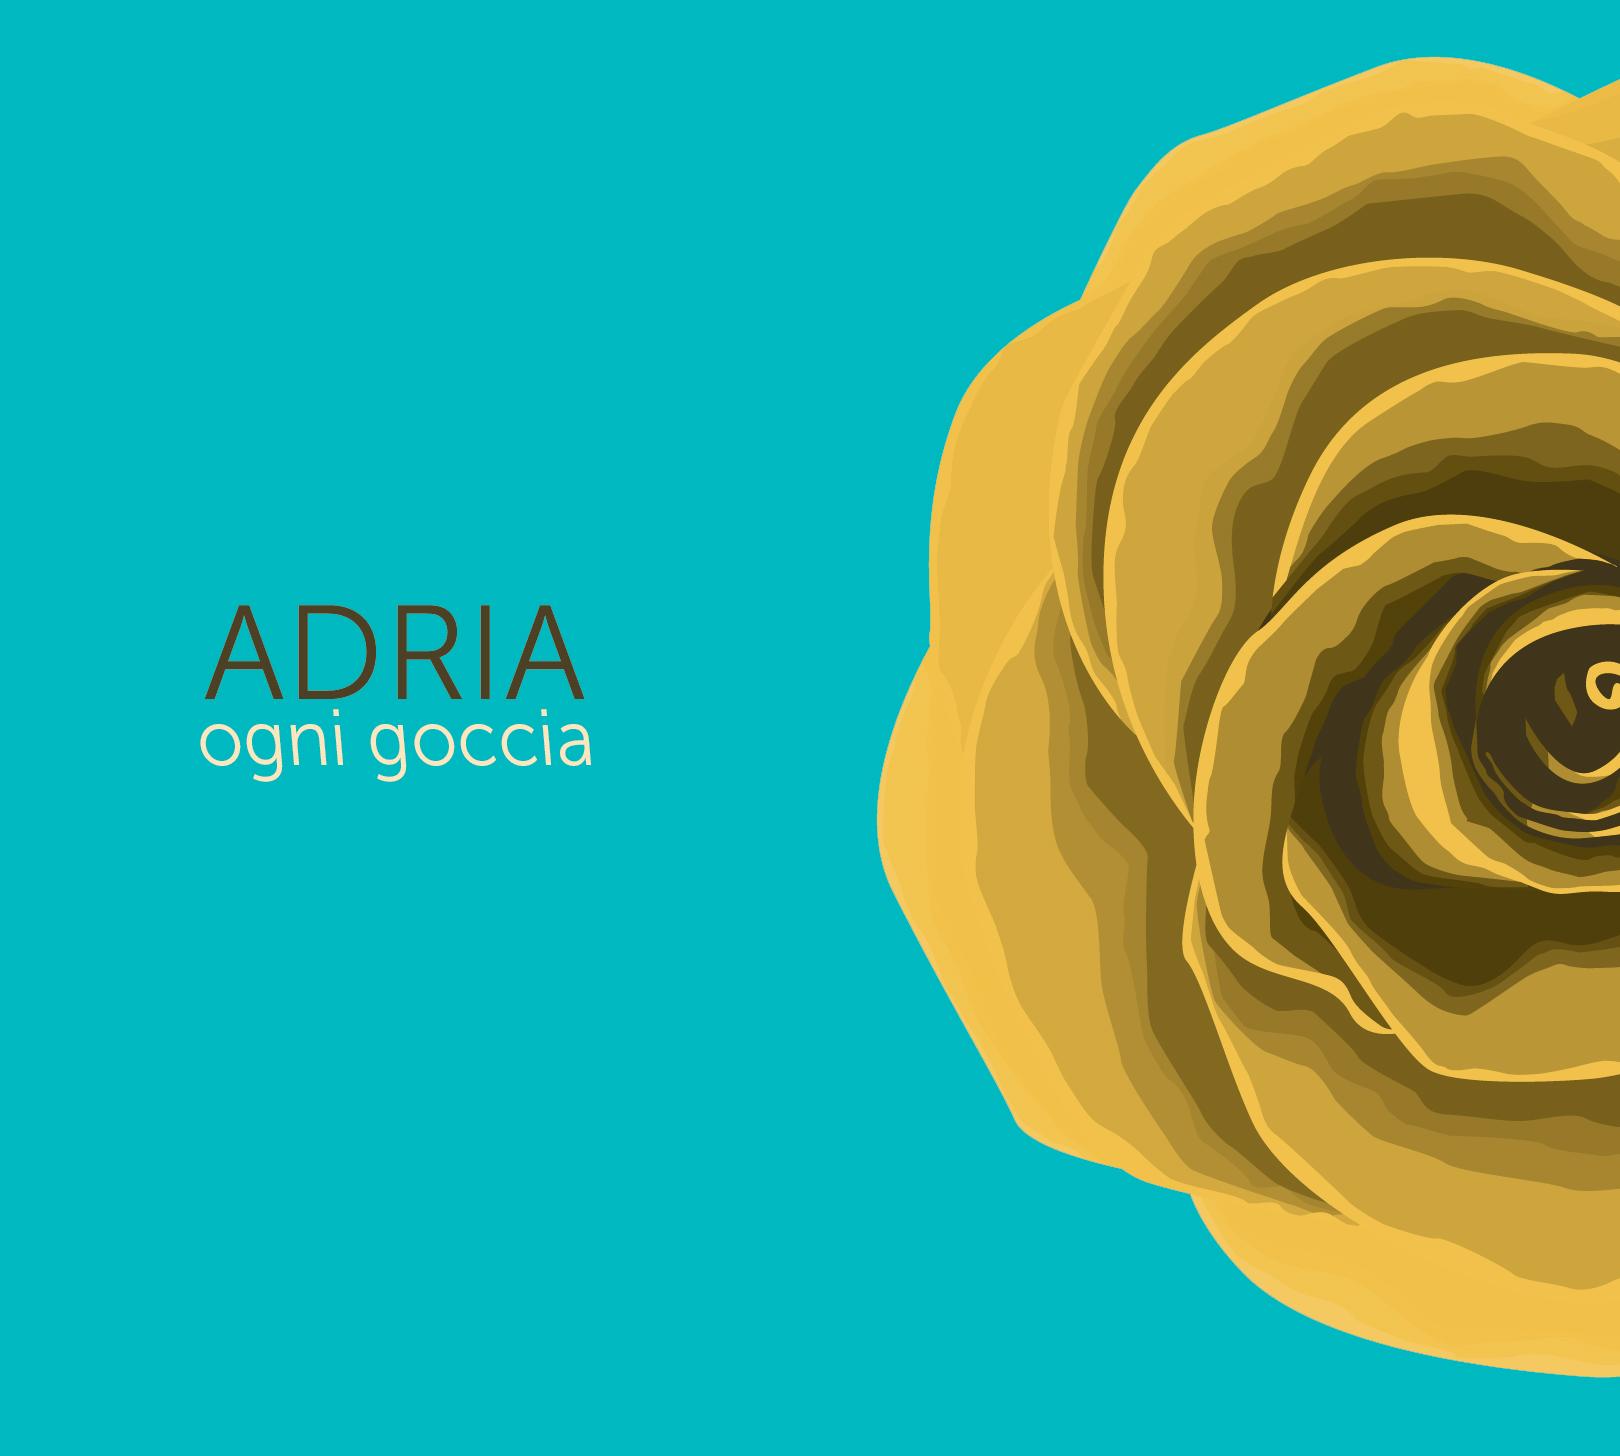 Ogni goccia, Adria - Manigold   MareAperto